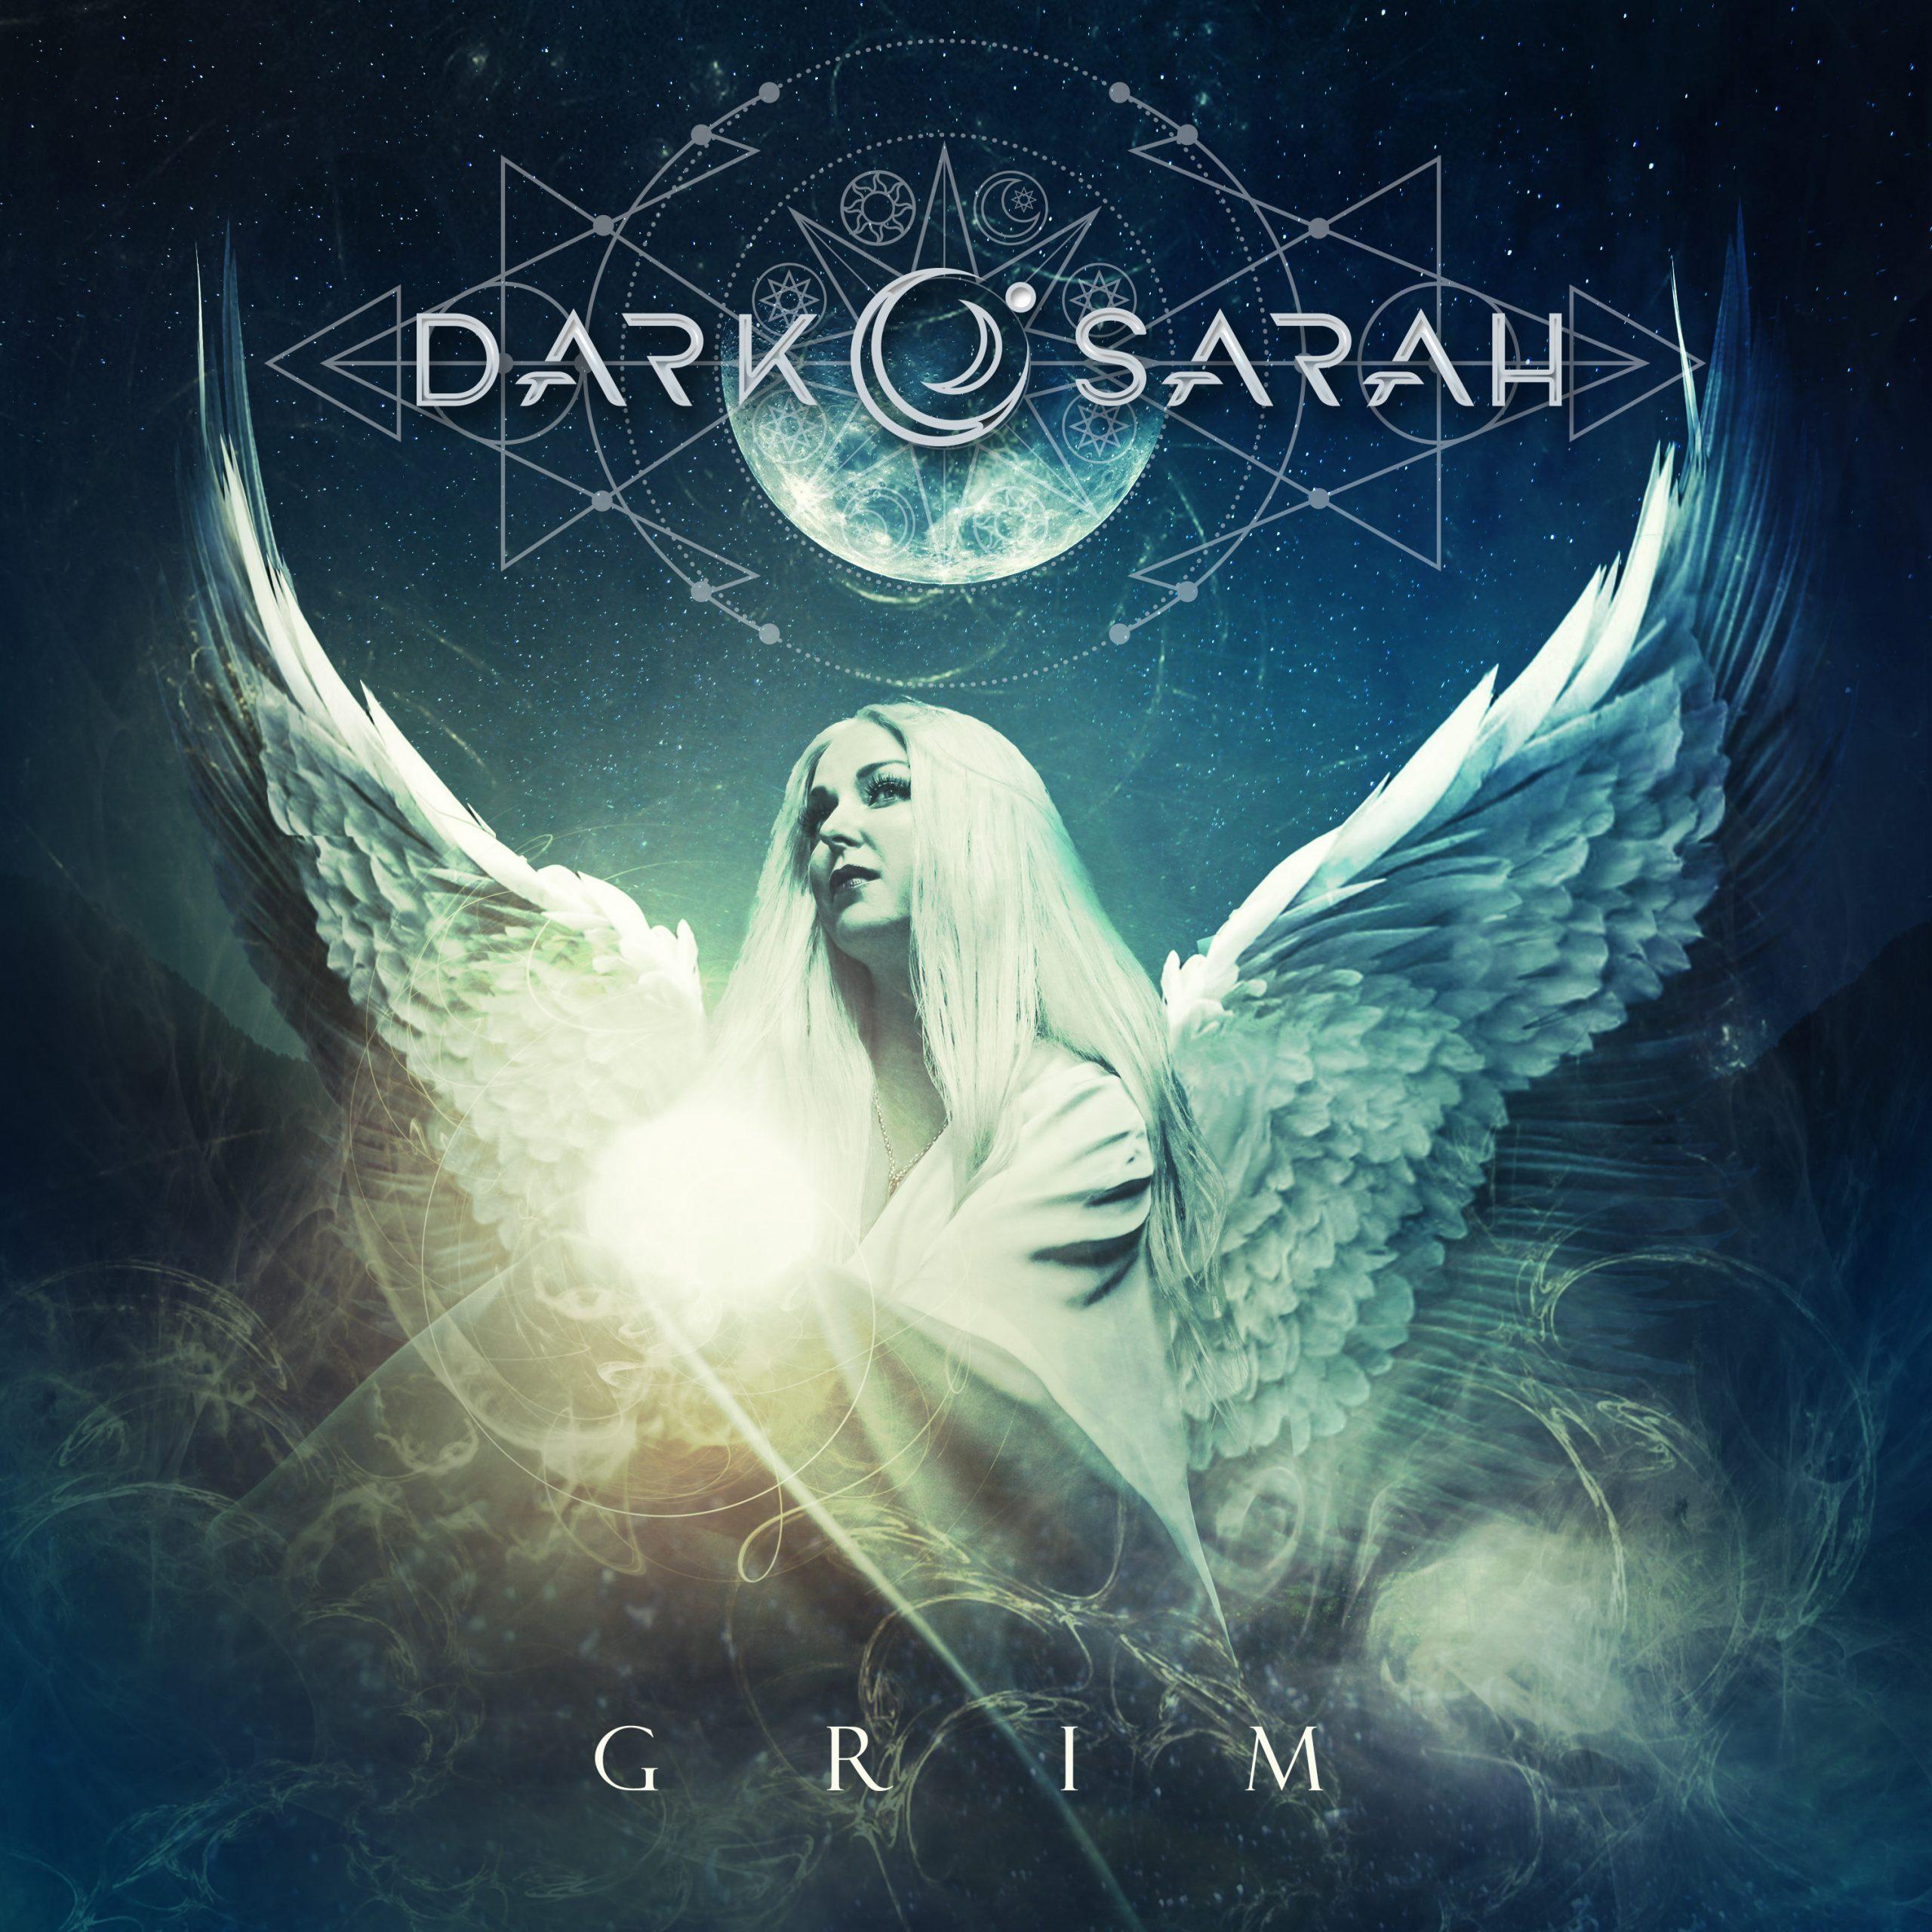 dark-sarah-grim-ein-album-review